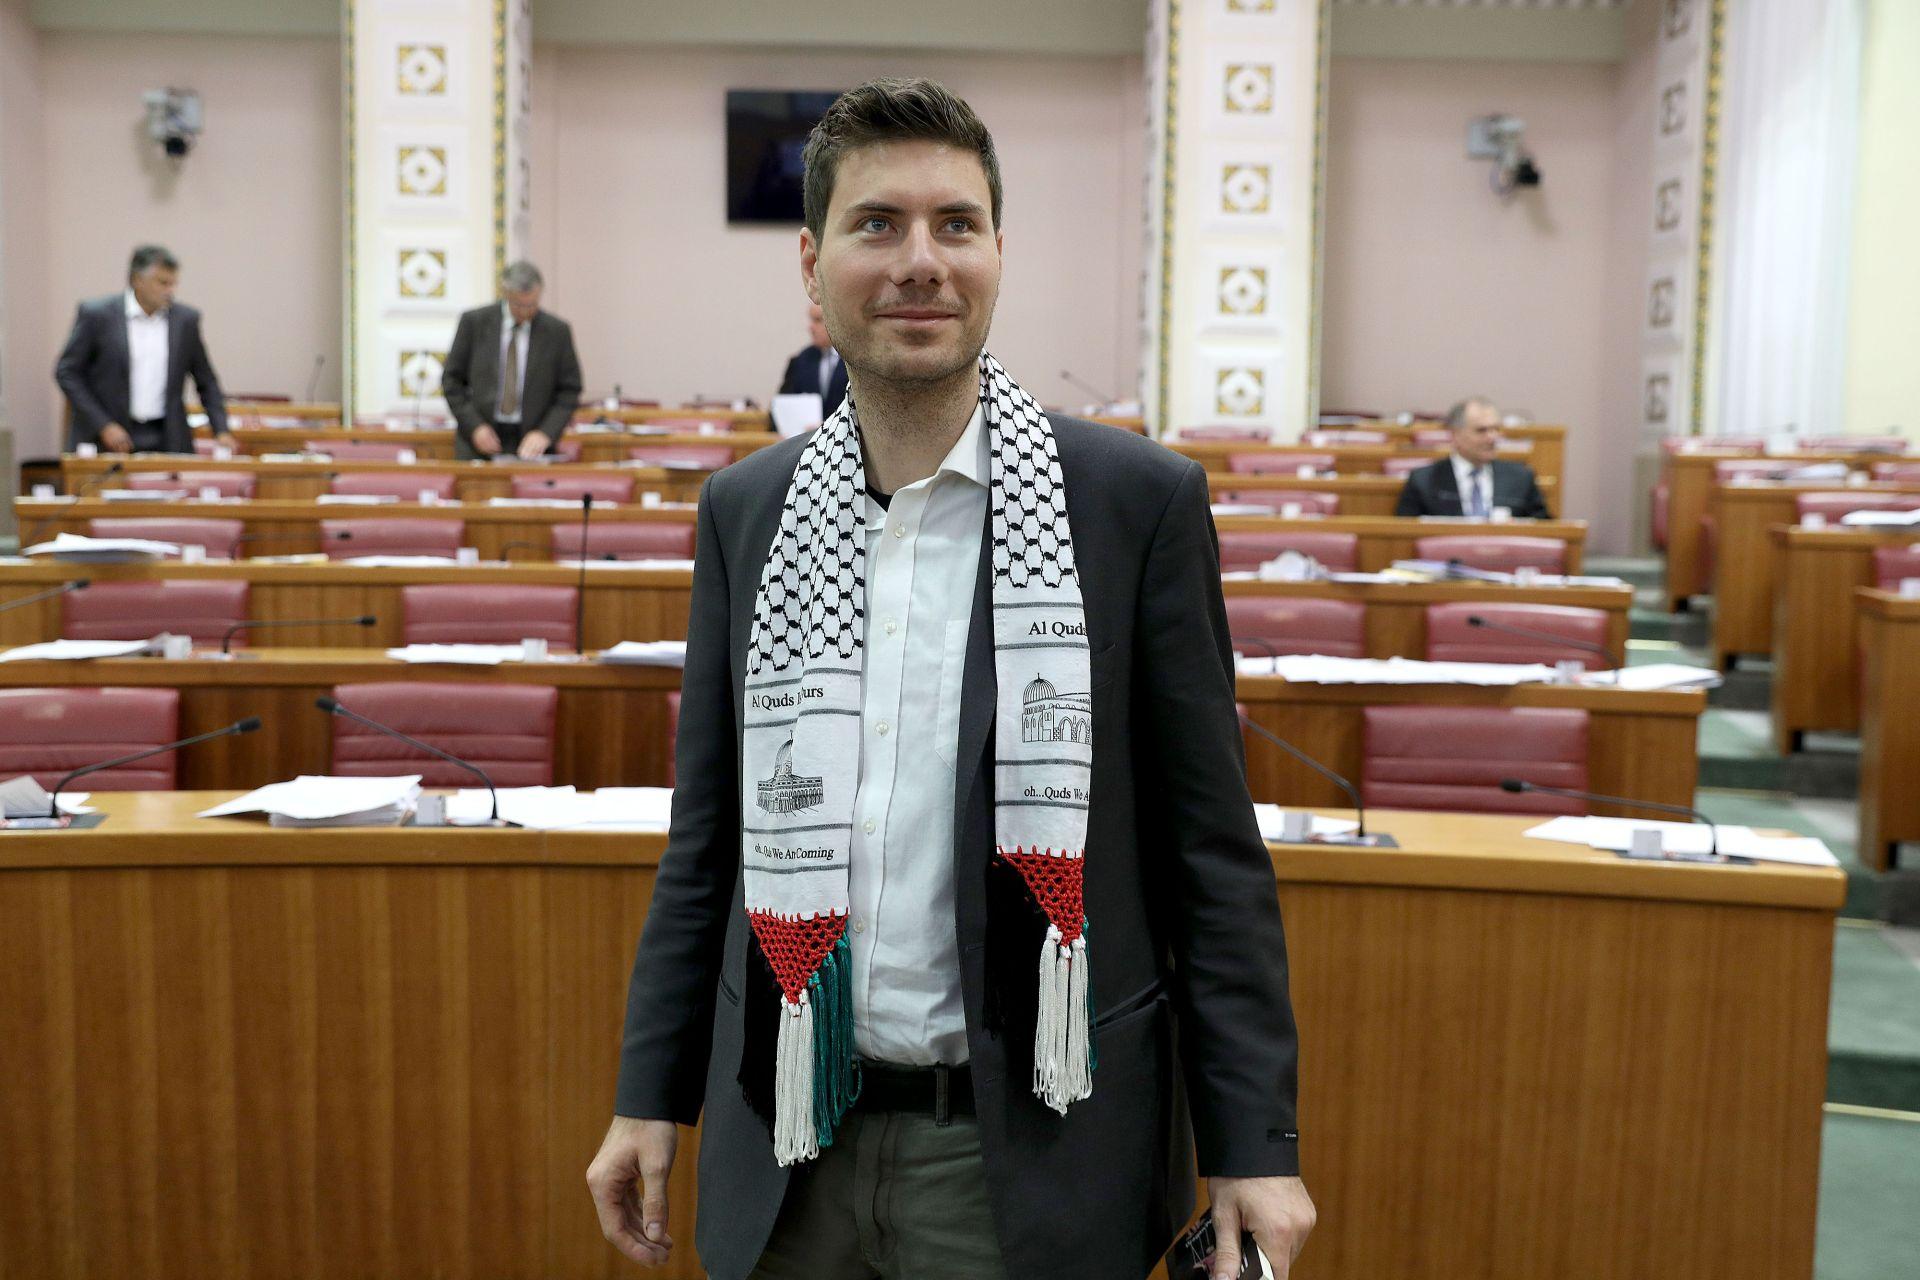 Pernar objasnio zašto je tražio 800 kuna na dolazak na party u Primoštenu